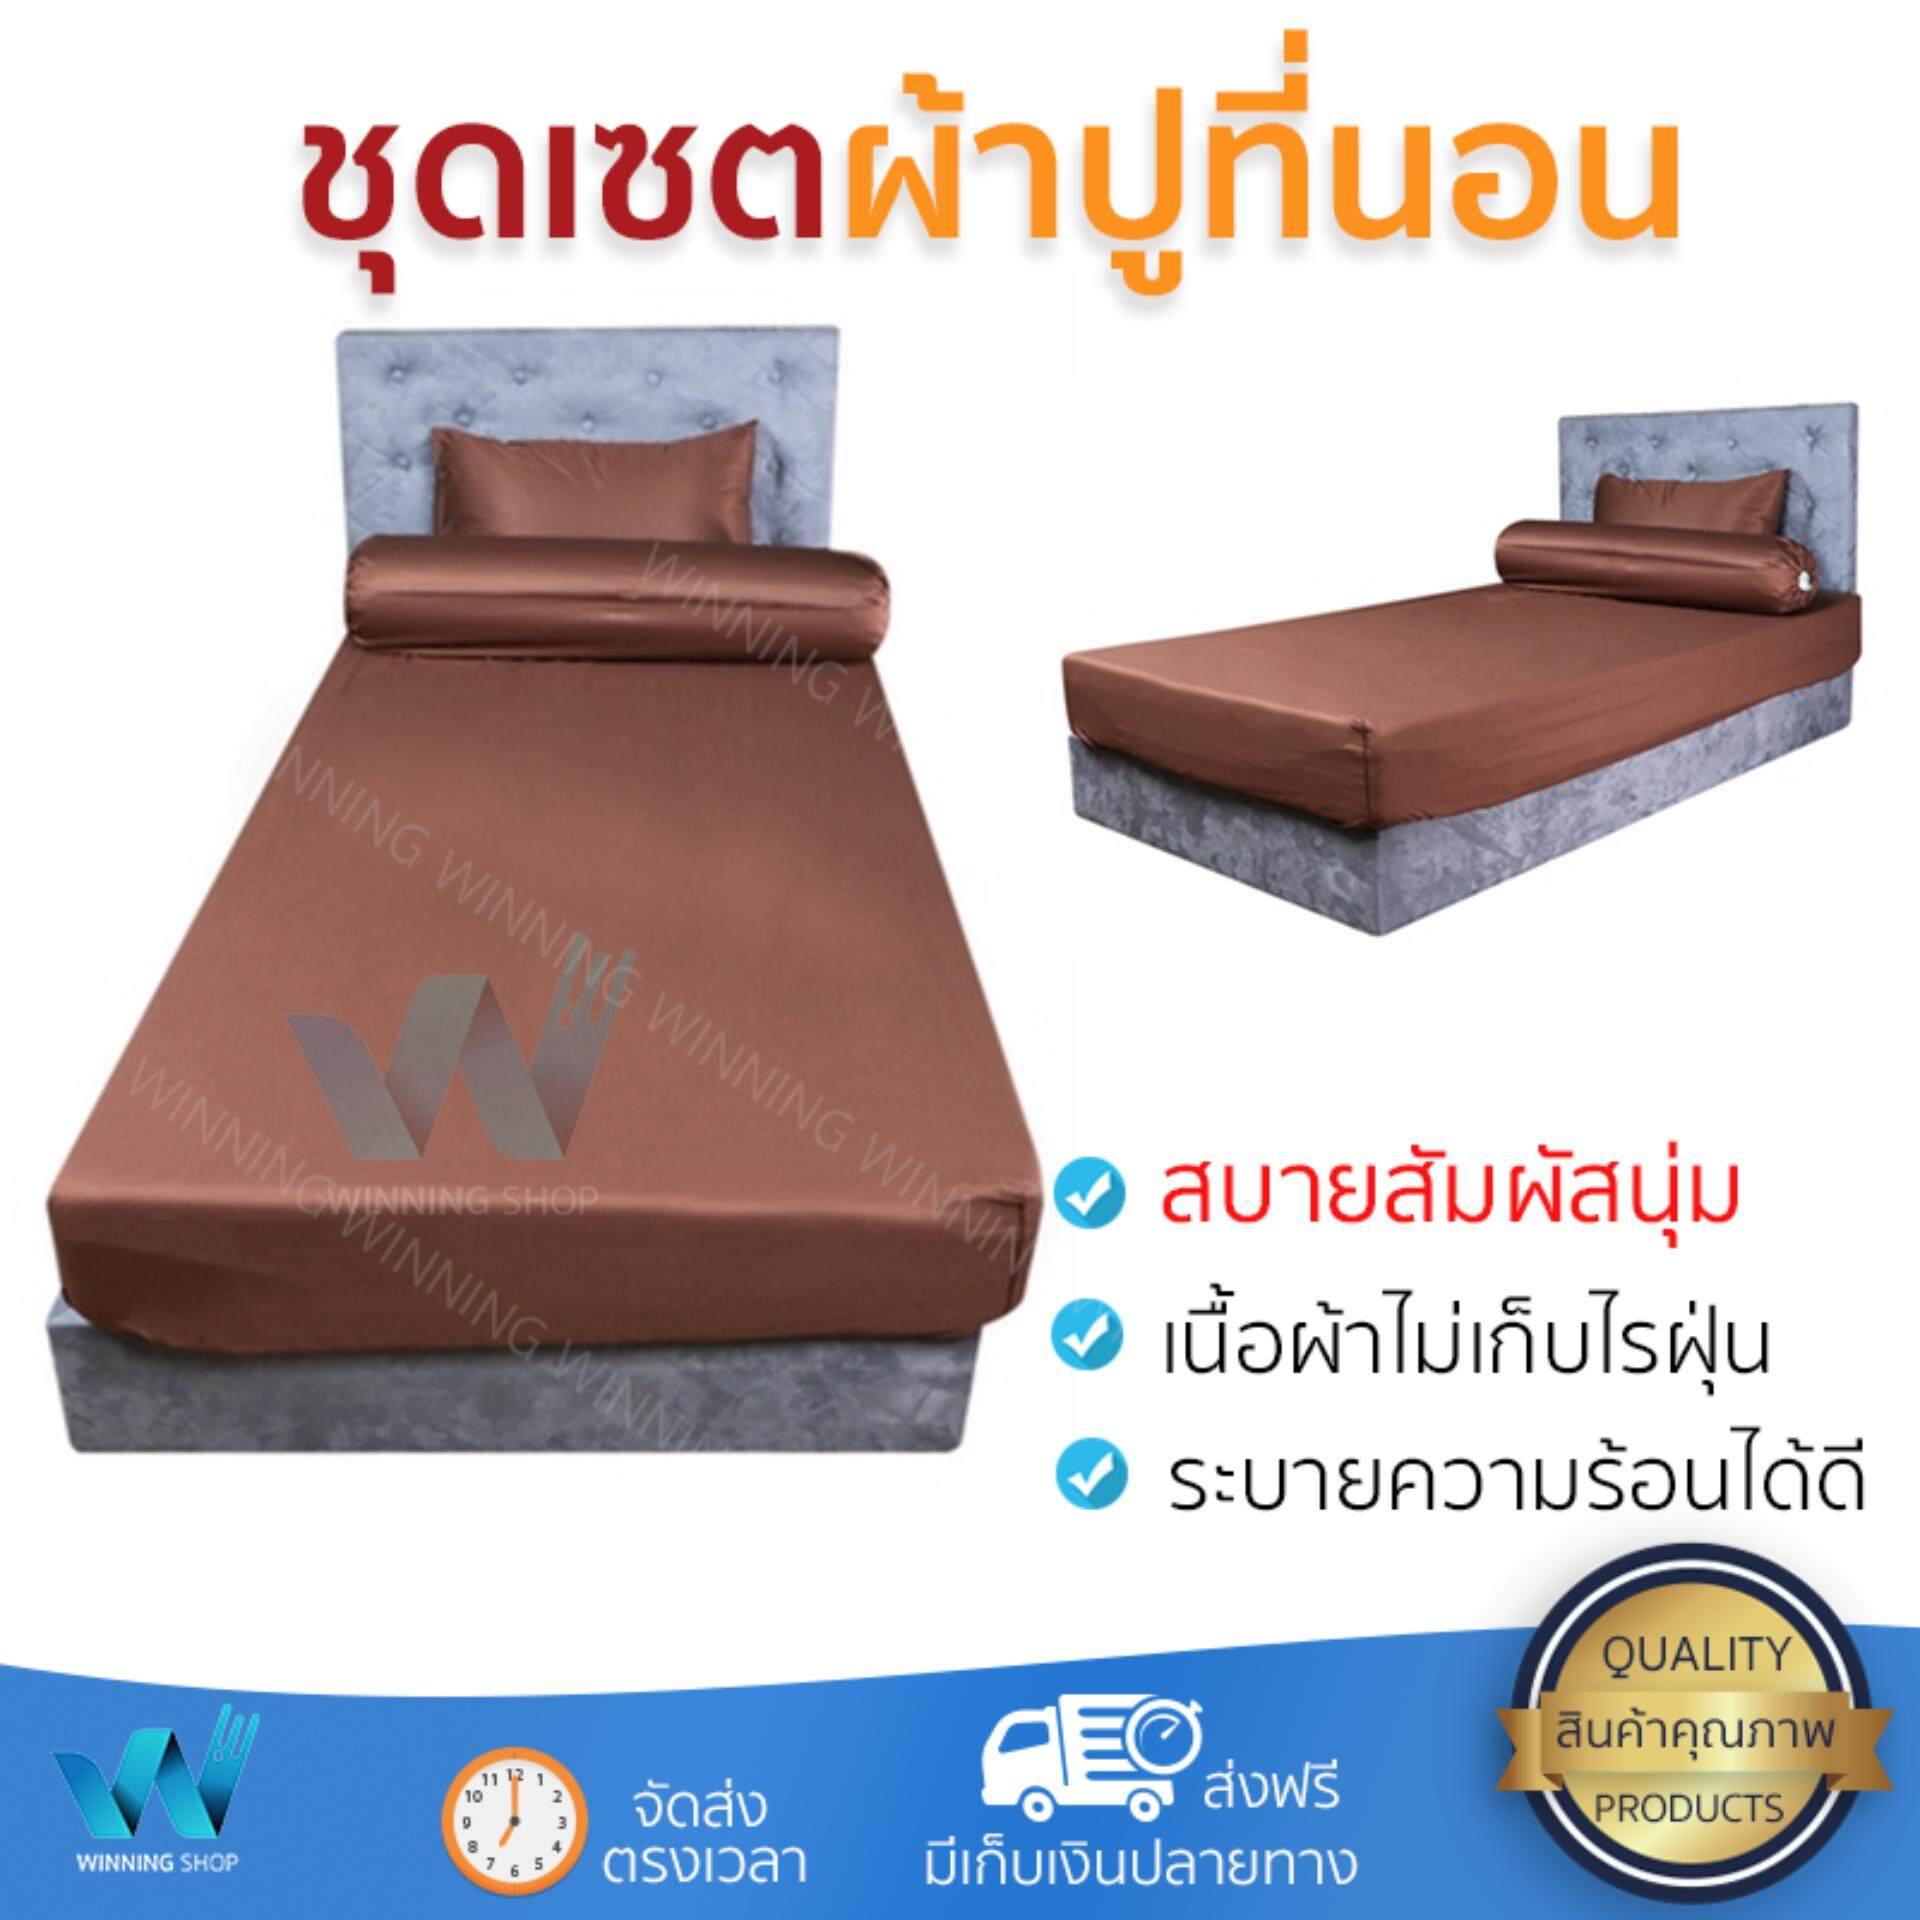 ขายดีมาก! ผ้าปูที่นอน ผ้าปูที่นอนกันไรฝุ่น ผ้าปู T3 HOME LIVING STYLE 375TC SHIN น้ำตาลเข้ม | HOME LIVING STYLE | ผ้าปูT3HLS375TC SHIN สัมผัสนุ่ม นอนหลับสบาย เส้นใยทอพิเศษ ระบายความร้อนได้ดี กันเชื้อร